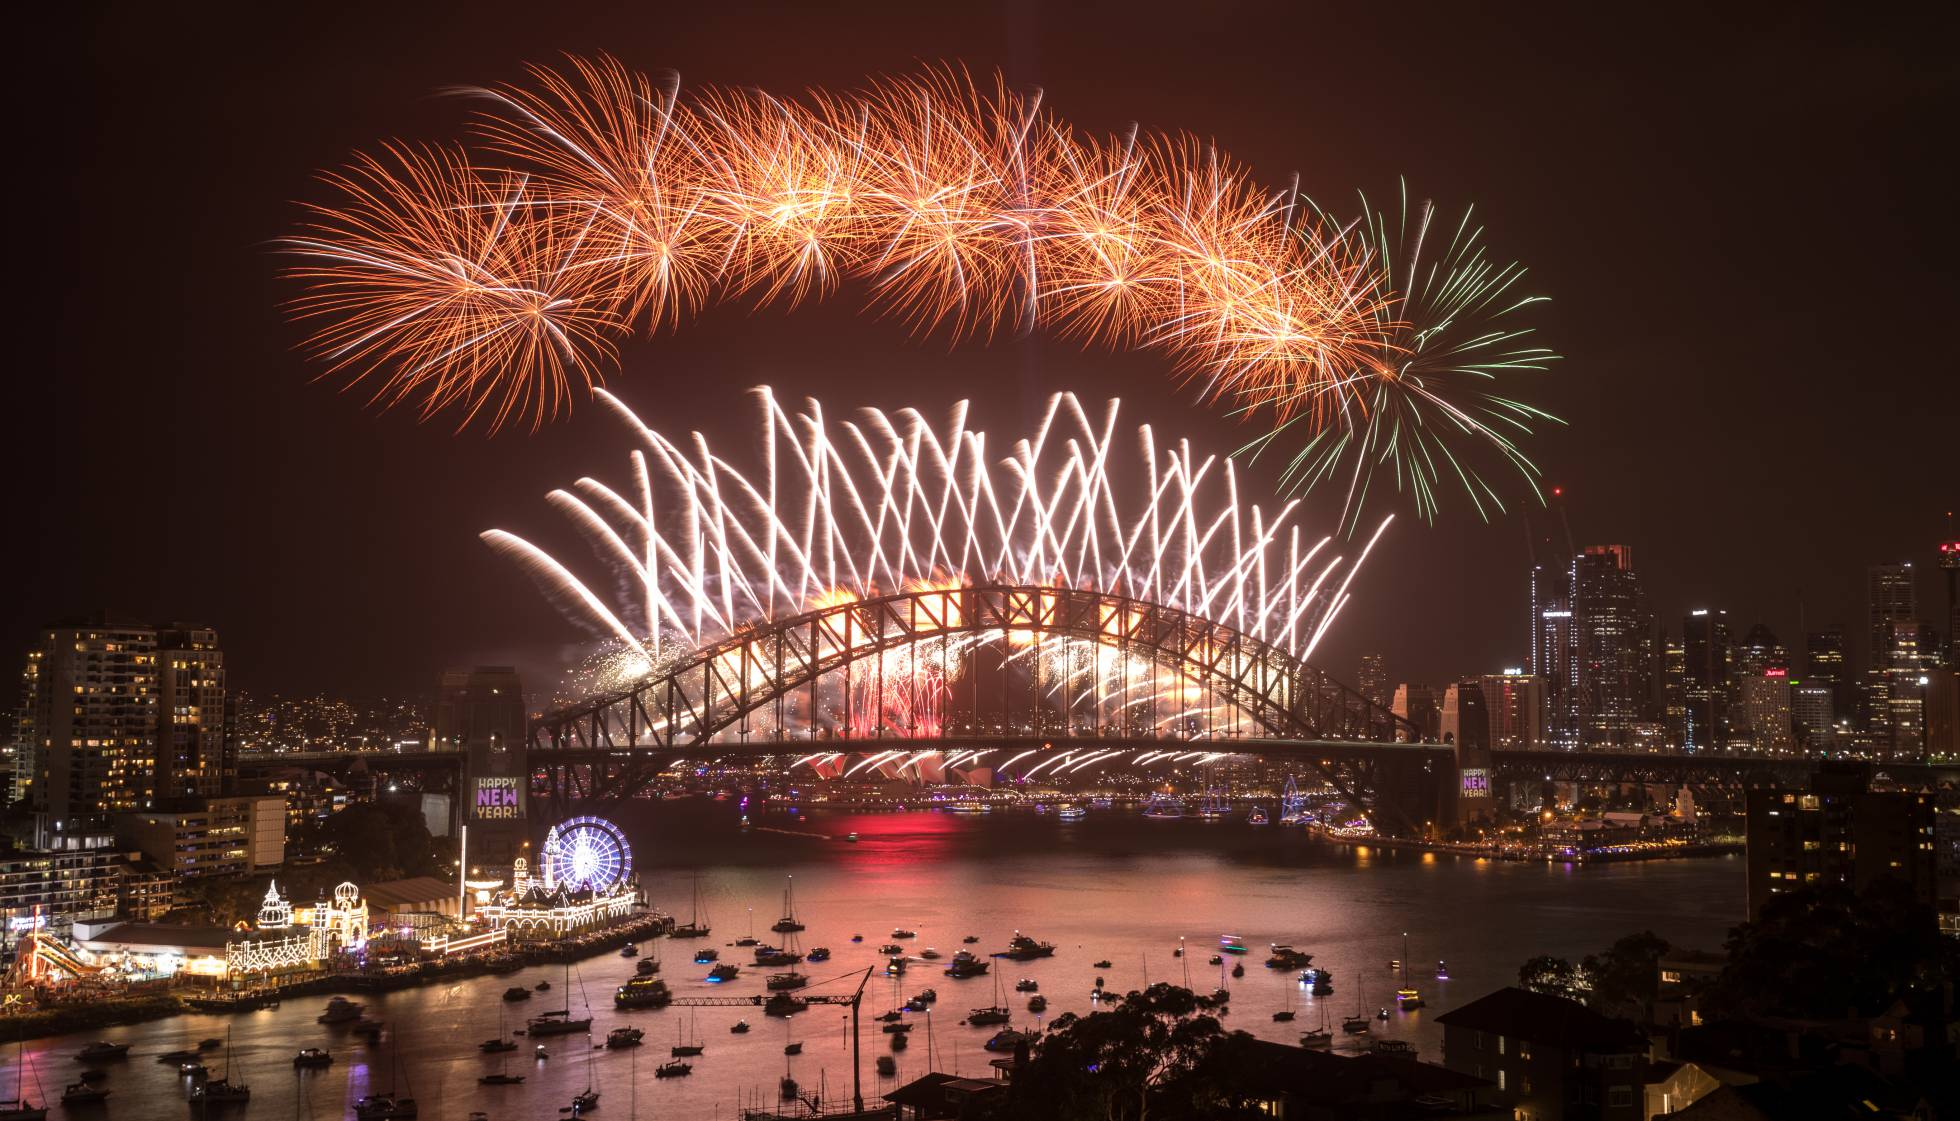 Fotos Feliz Ano Nuevo 2020 Las Celebraciones Alrededor Del Mundo En Imagenes Actualidad El Pais Familia unida es mi deseo. fotos feliz ano nuevo 2020 las